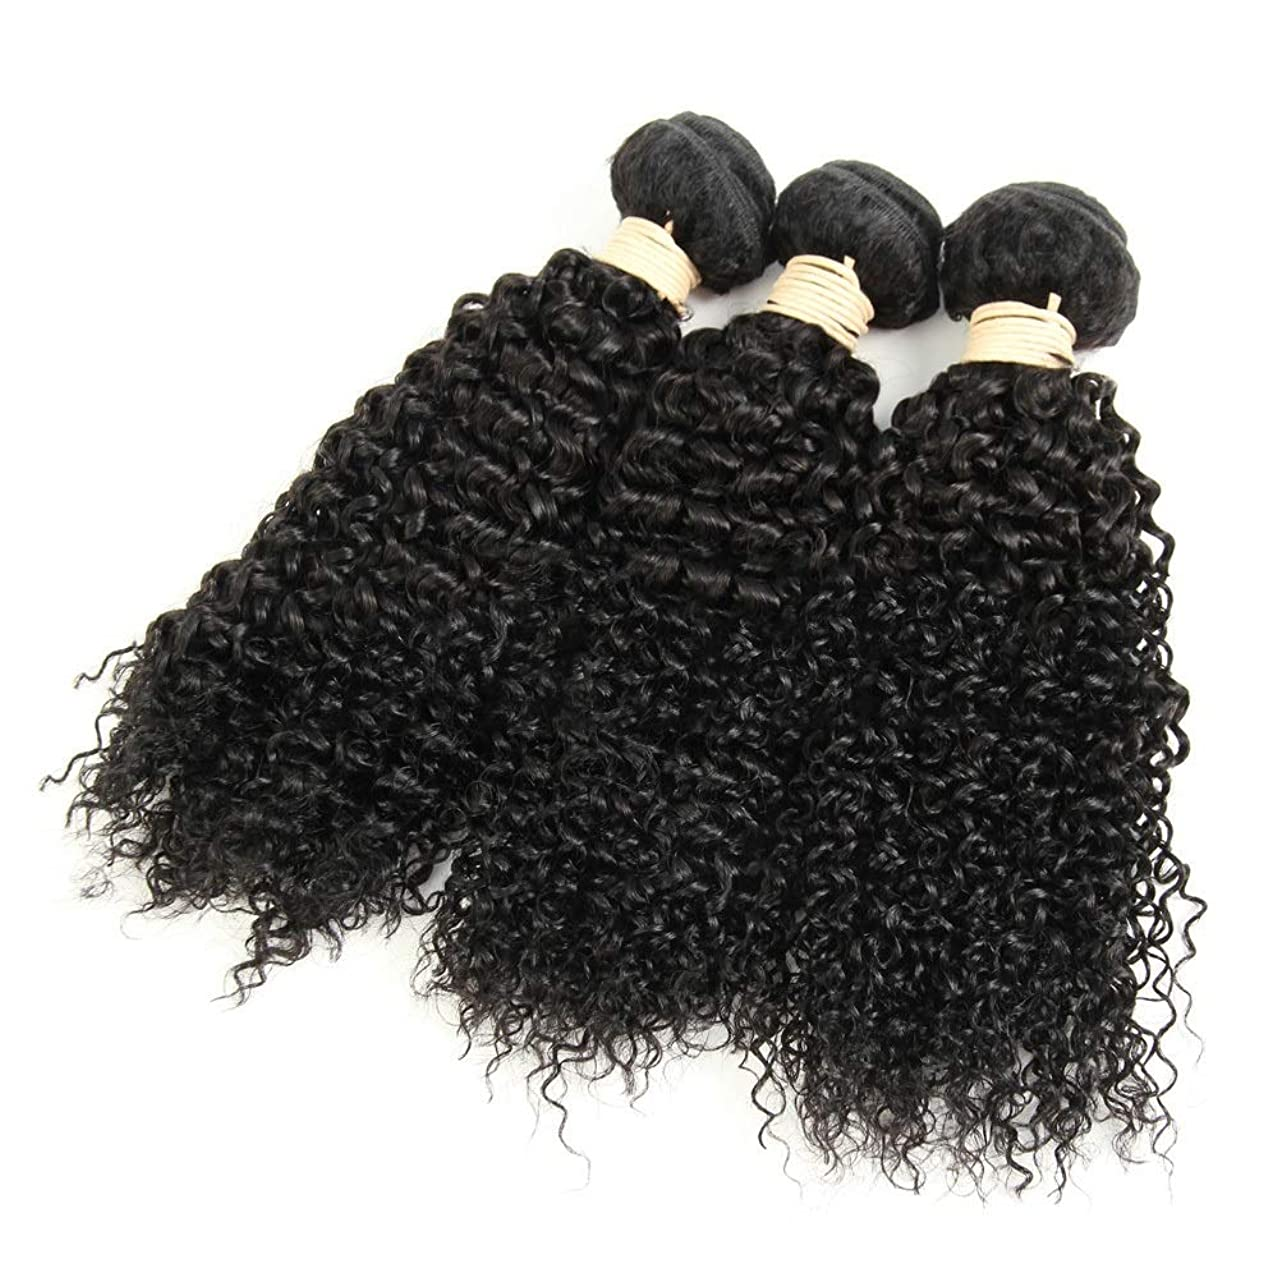 メロン午後数学YESONEEP 1バンドル変態巻き毛100%本物の人間の髪の毛の束ブラジルのディープウェーブの毛未処理の髪を編む(8